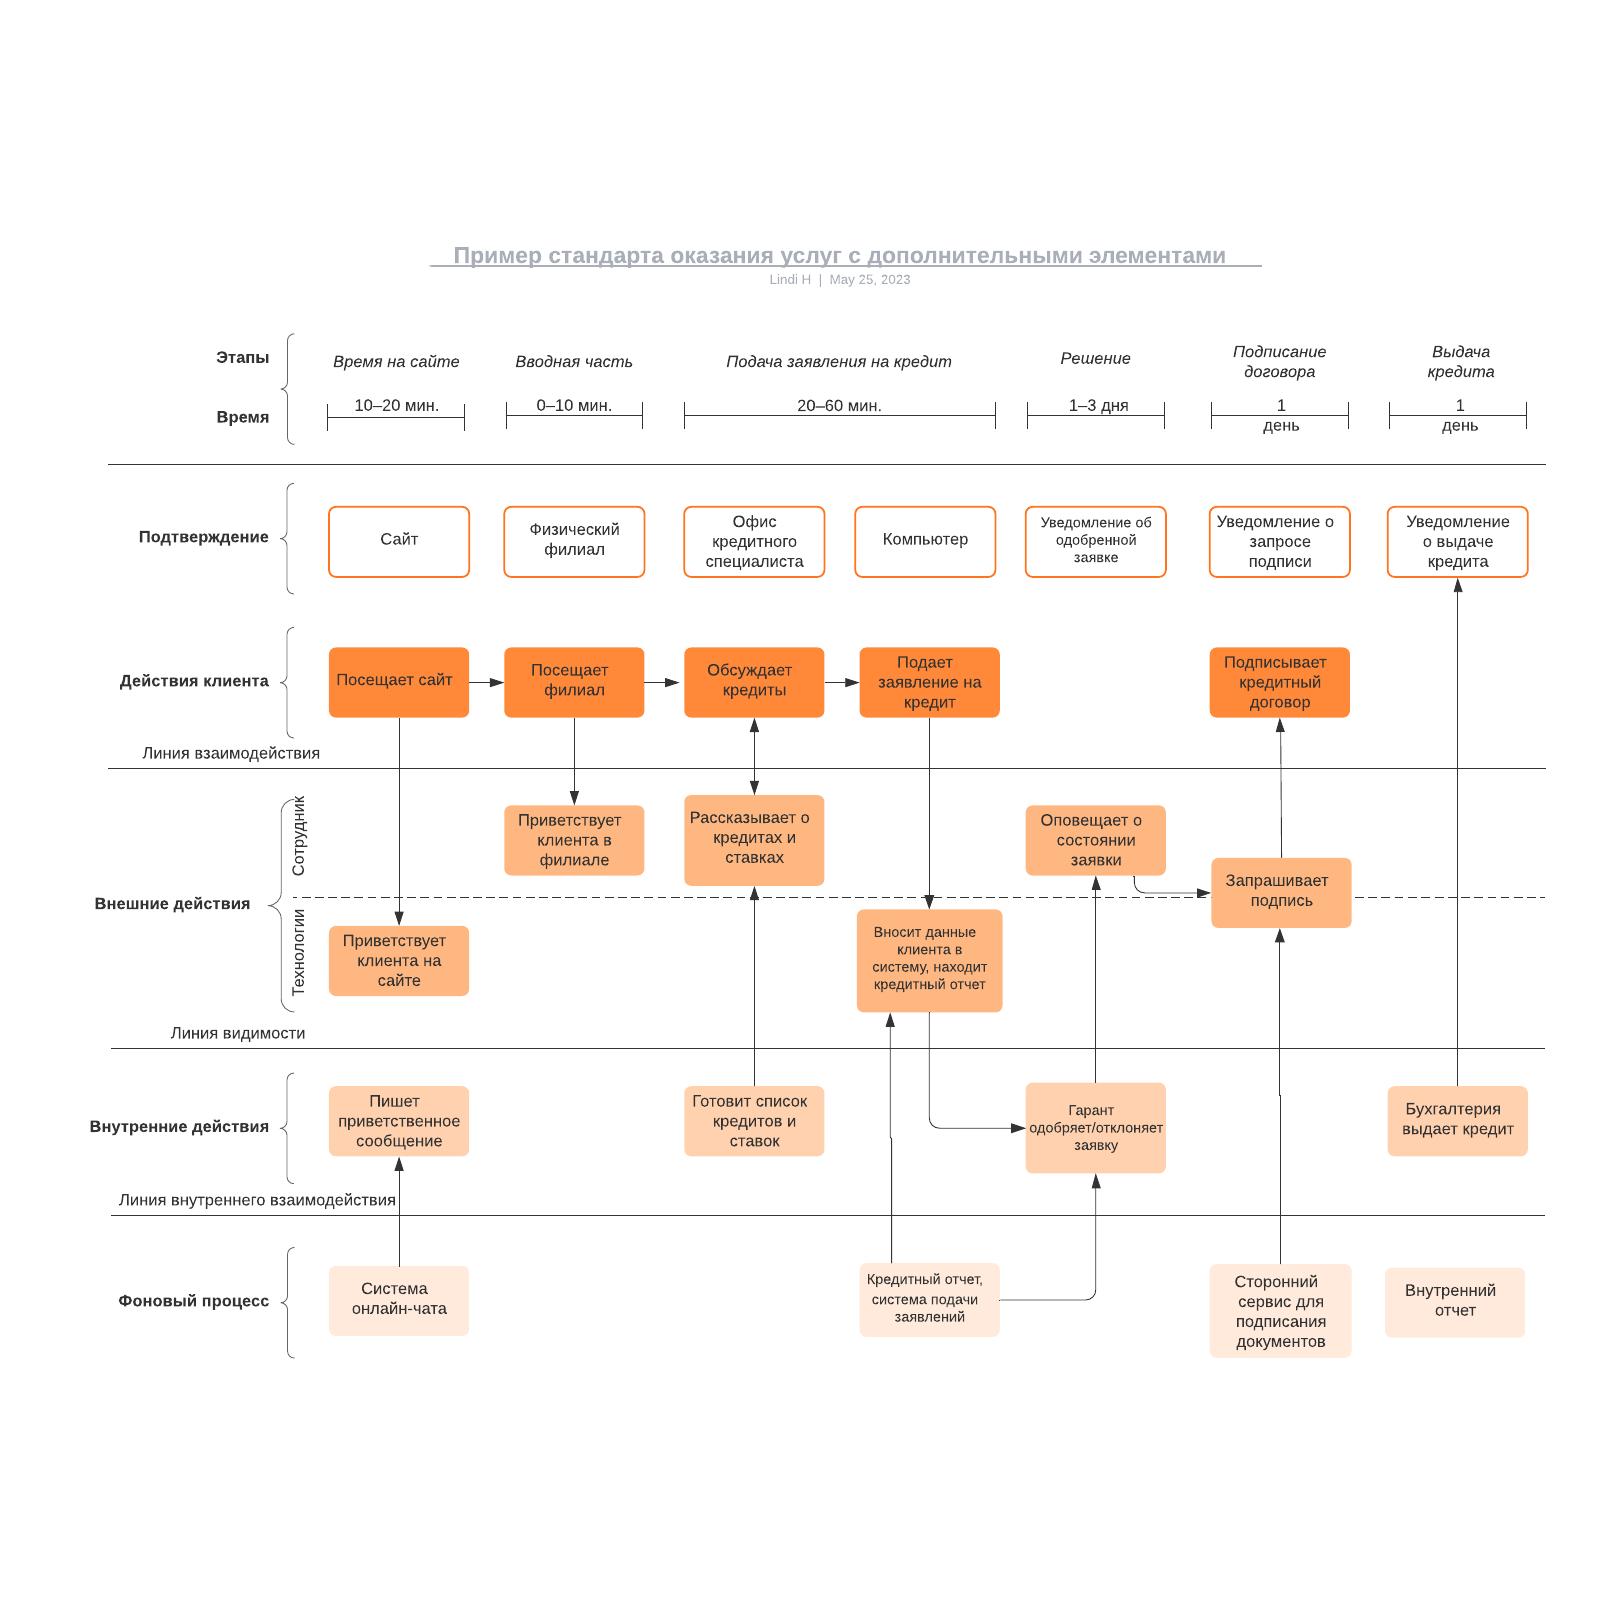 Пример стандарта оказания услуг с дополнительными элементами